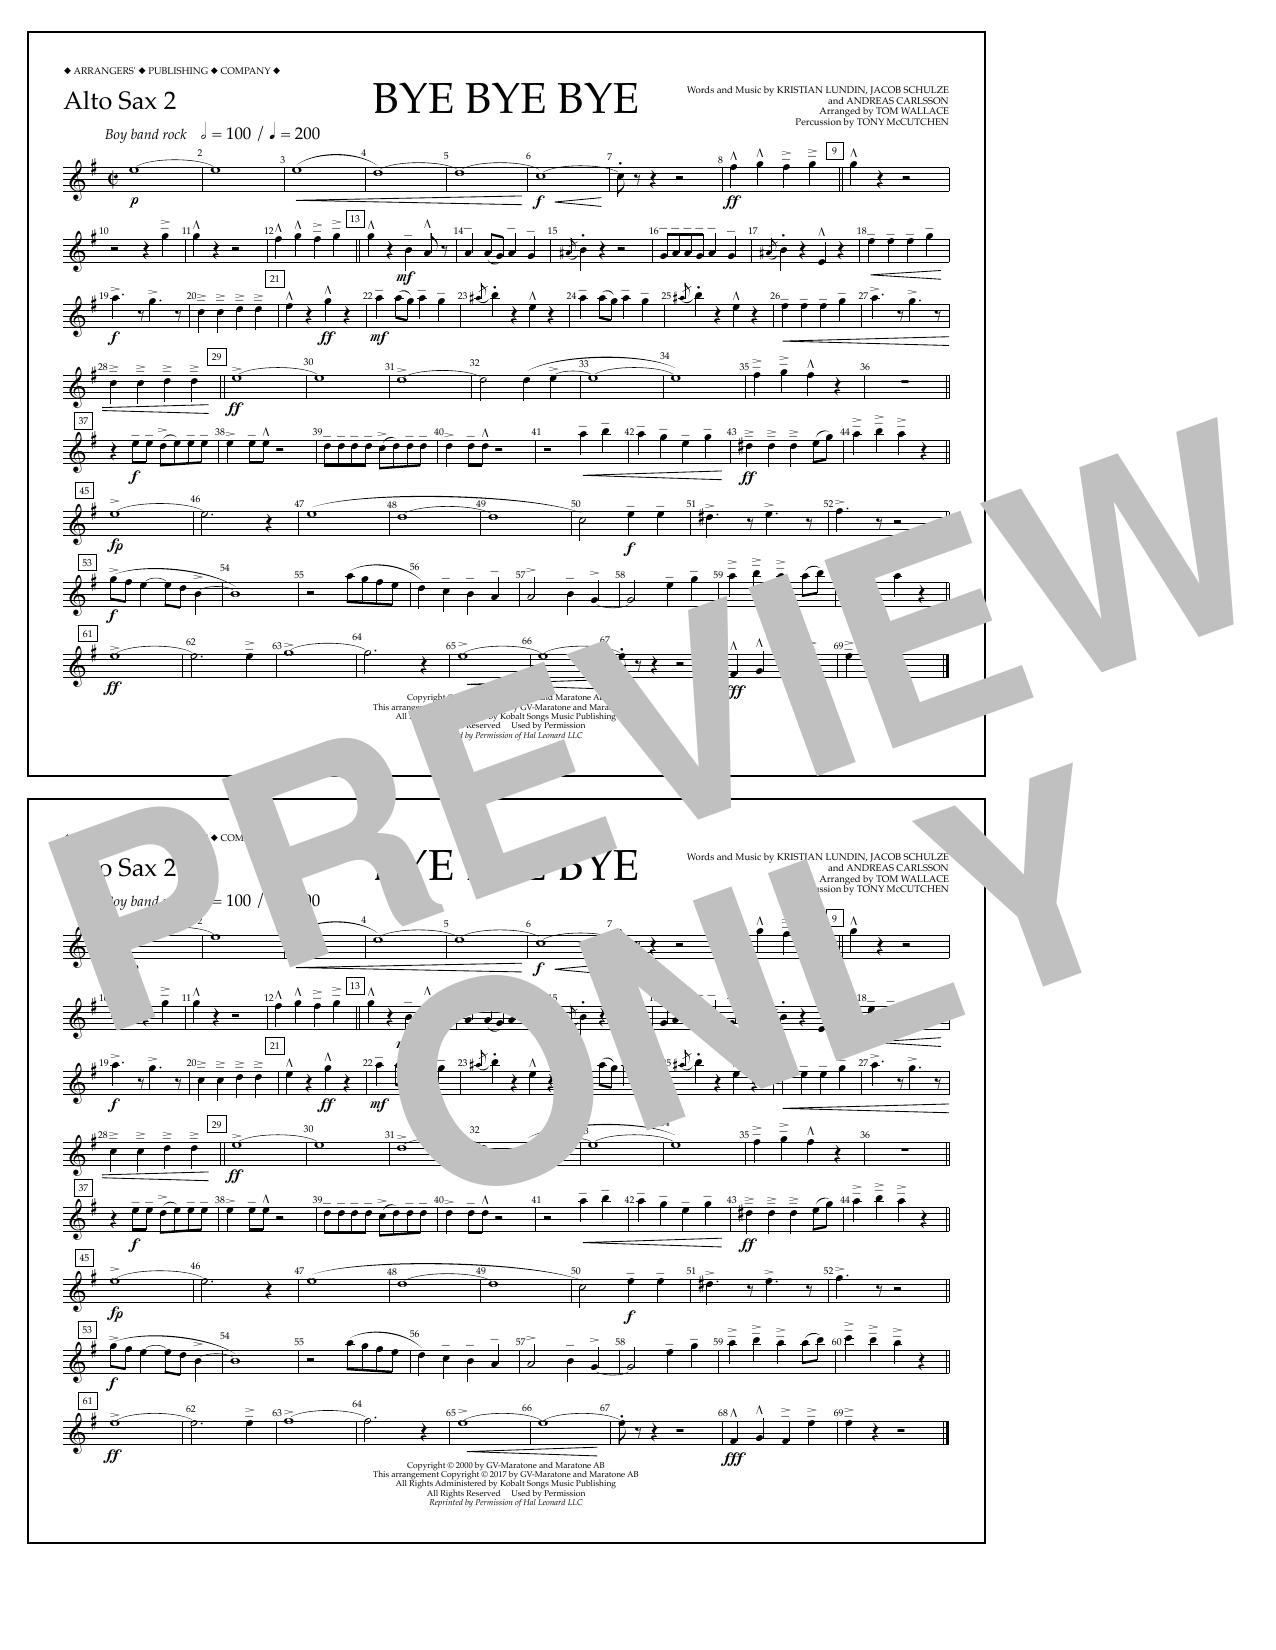 Bye Bye Bye - Alto Sax 2 Sheet Music